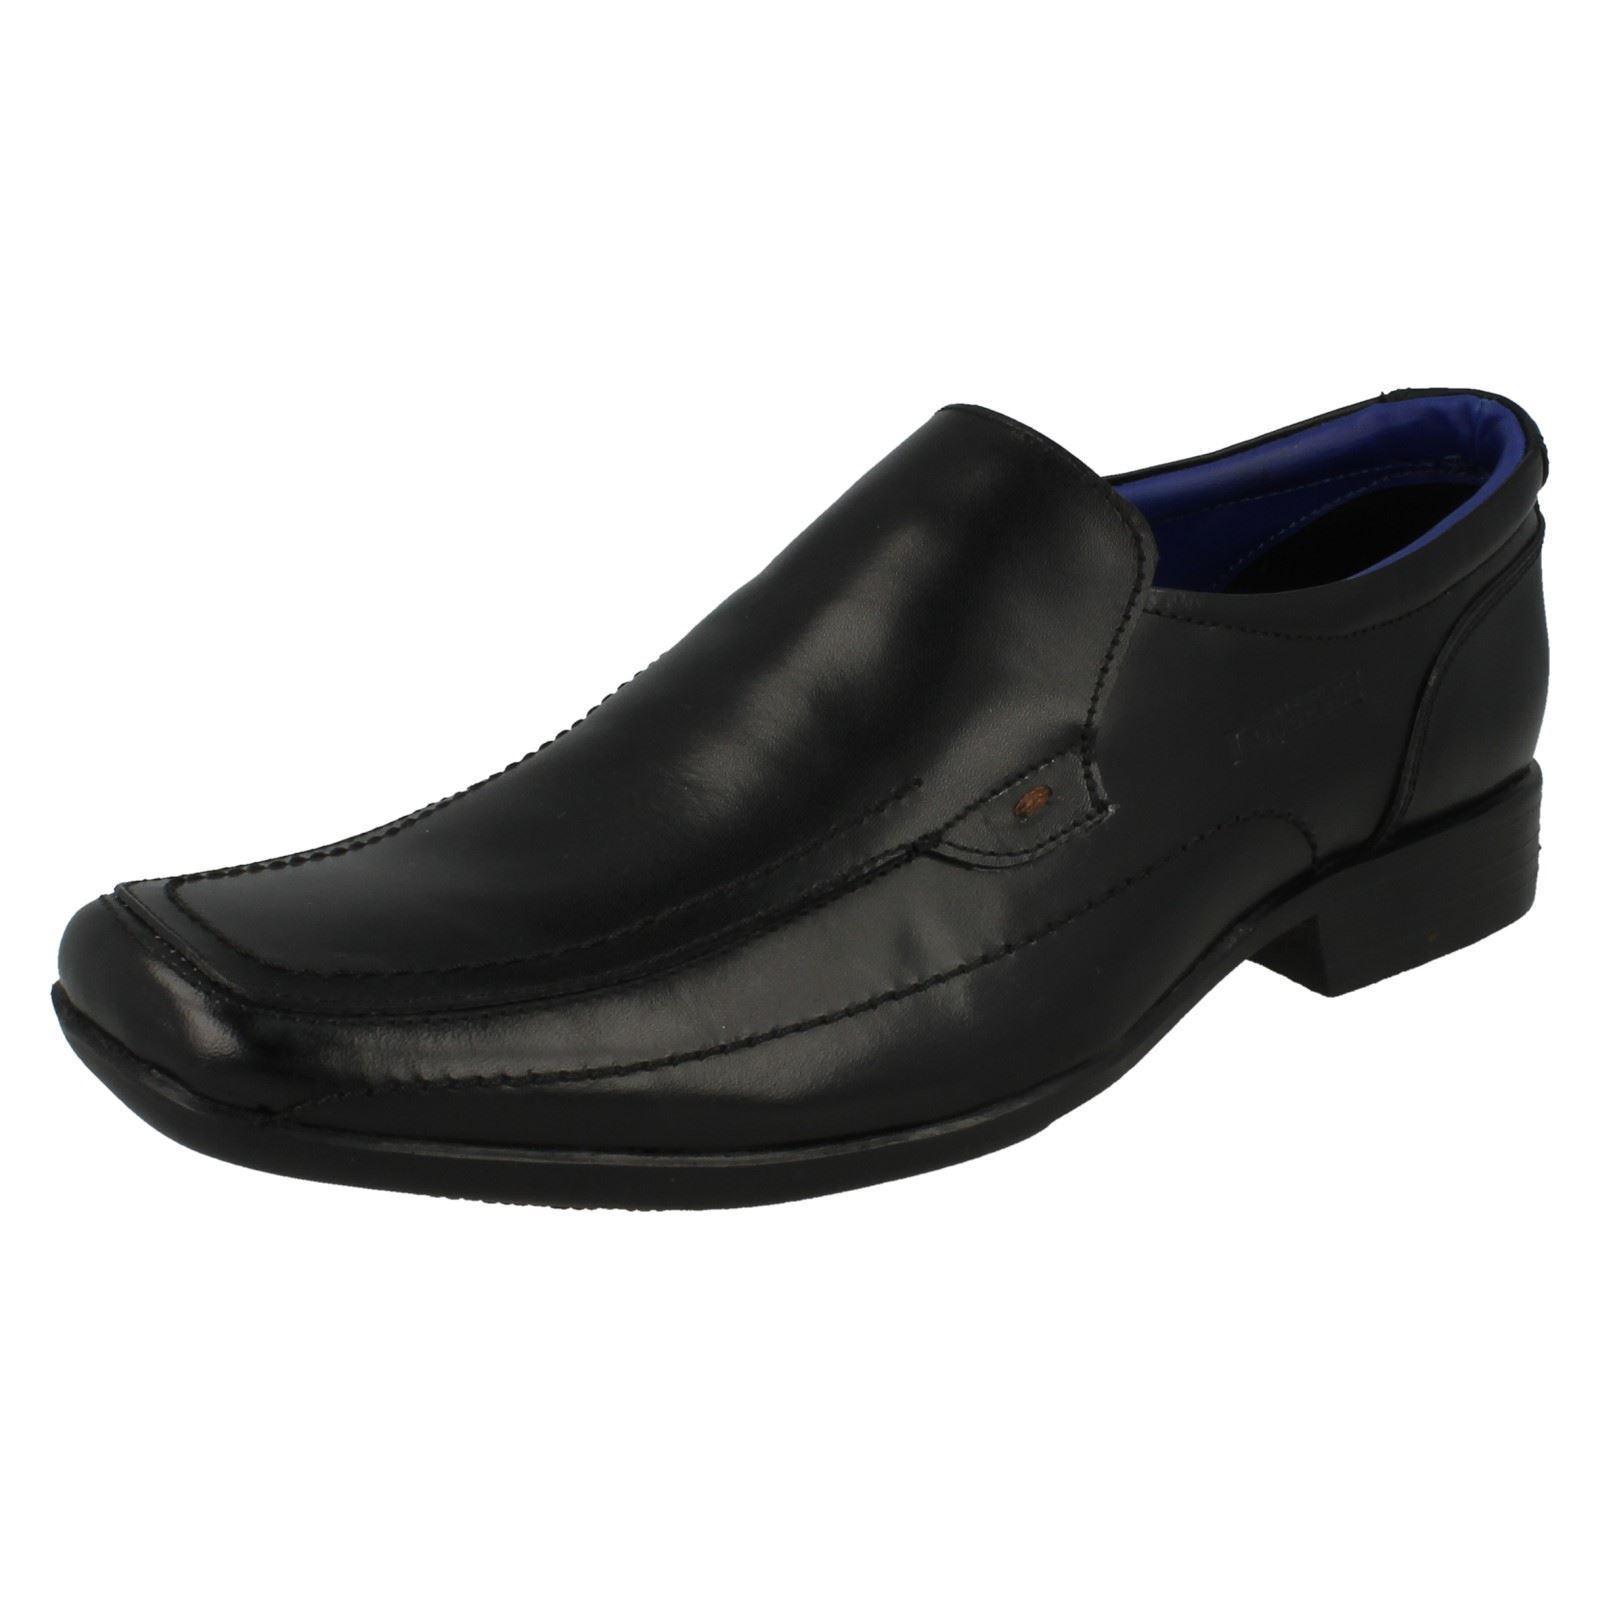 Hombre Lambretta 20287 Zapatos piel cierres negra sin cierres piel b042c8